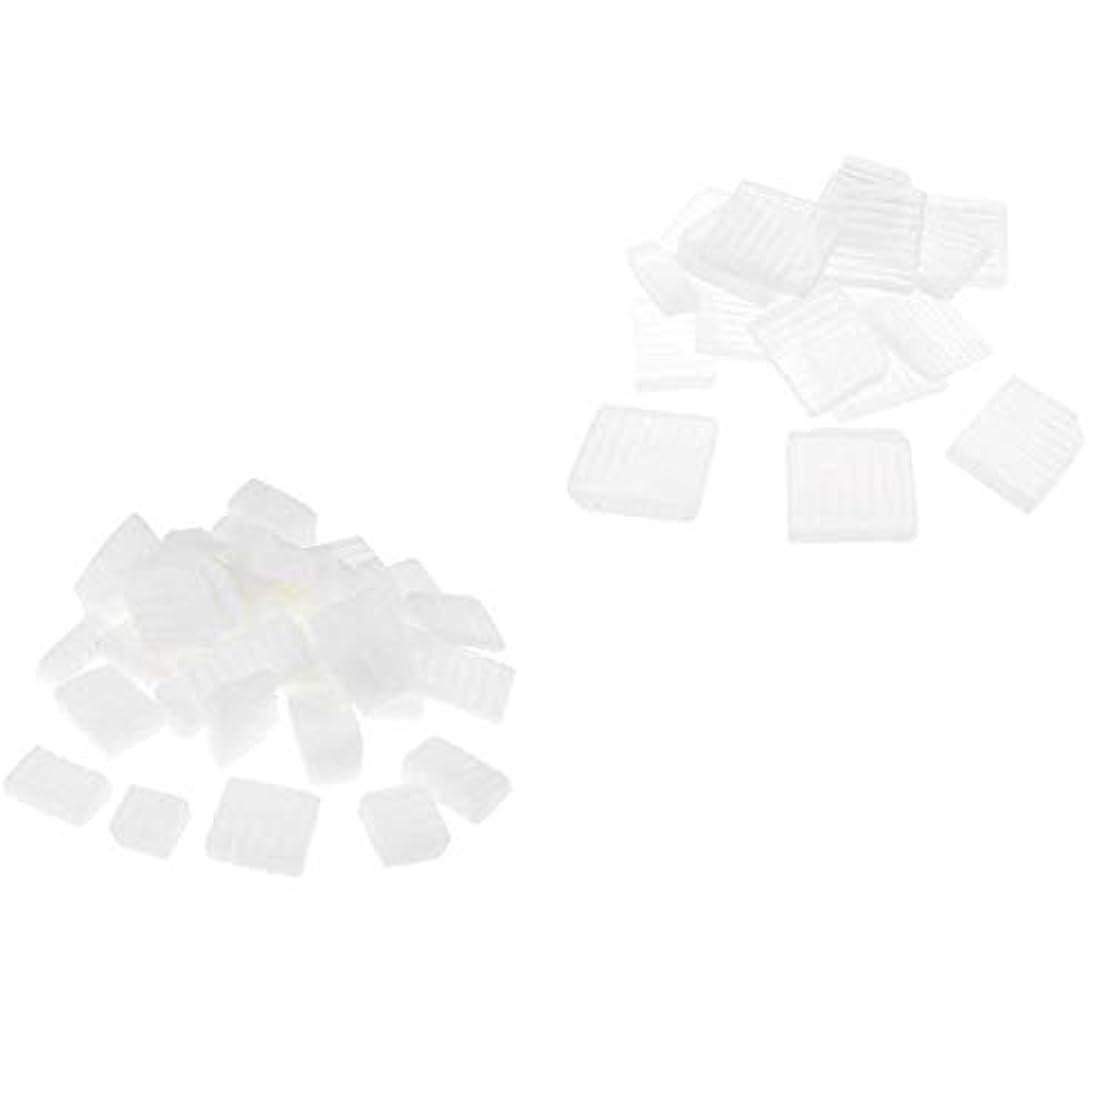 計算するセンチメートル重量D DOLITY 固形せっけん 2KG ホワイトクリア DIY工芸 手作り バス用品 石鹸製造 創造力 2種 混合